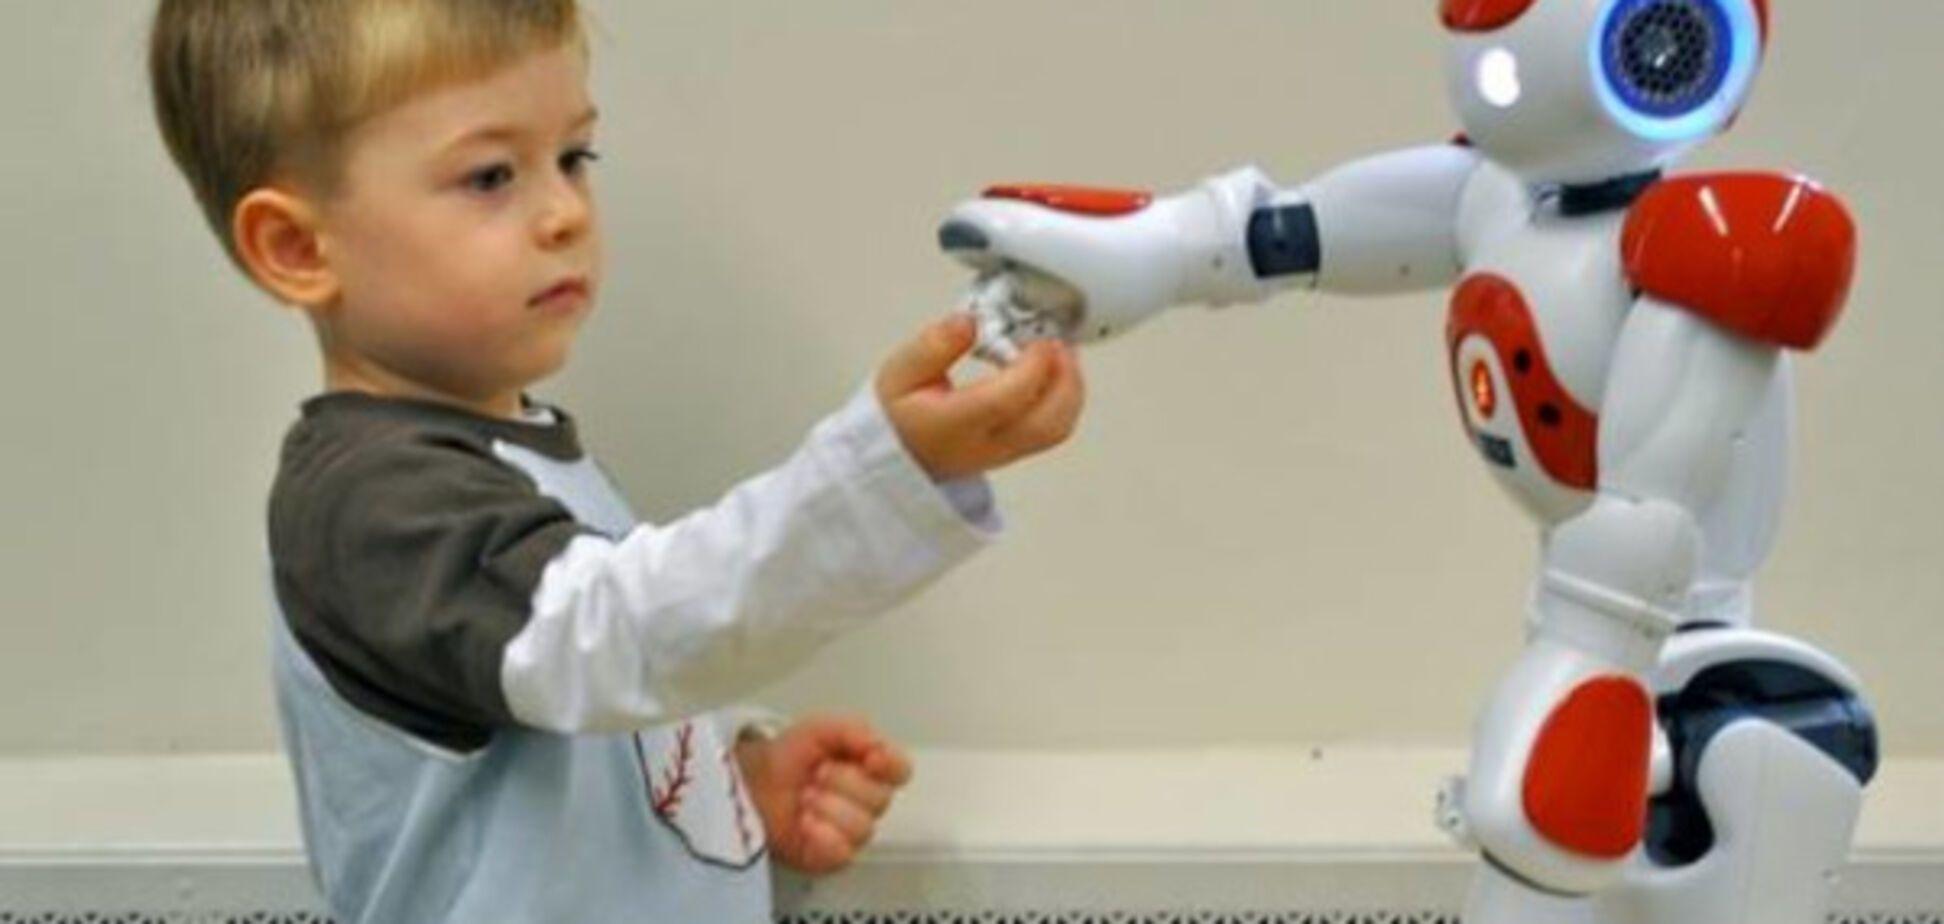 Разработан 'робот-терапевт', который сможет помочь детям с аутизмом